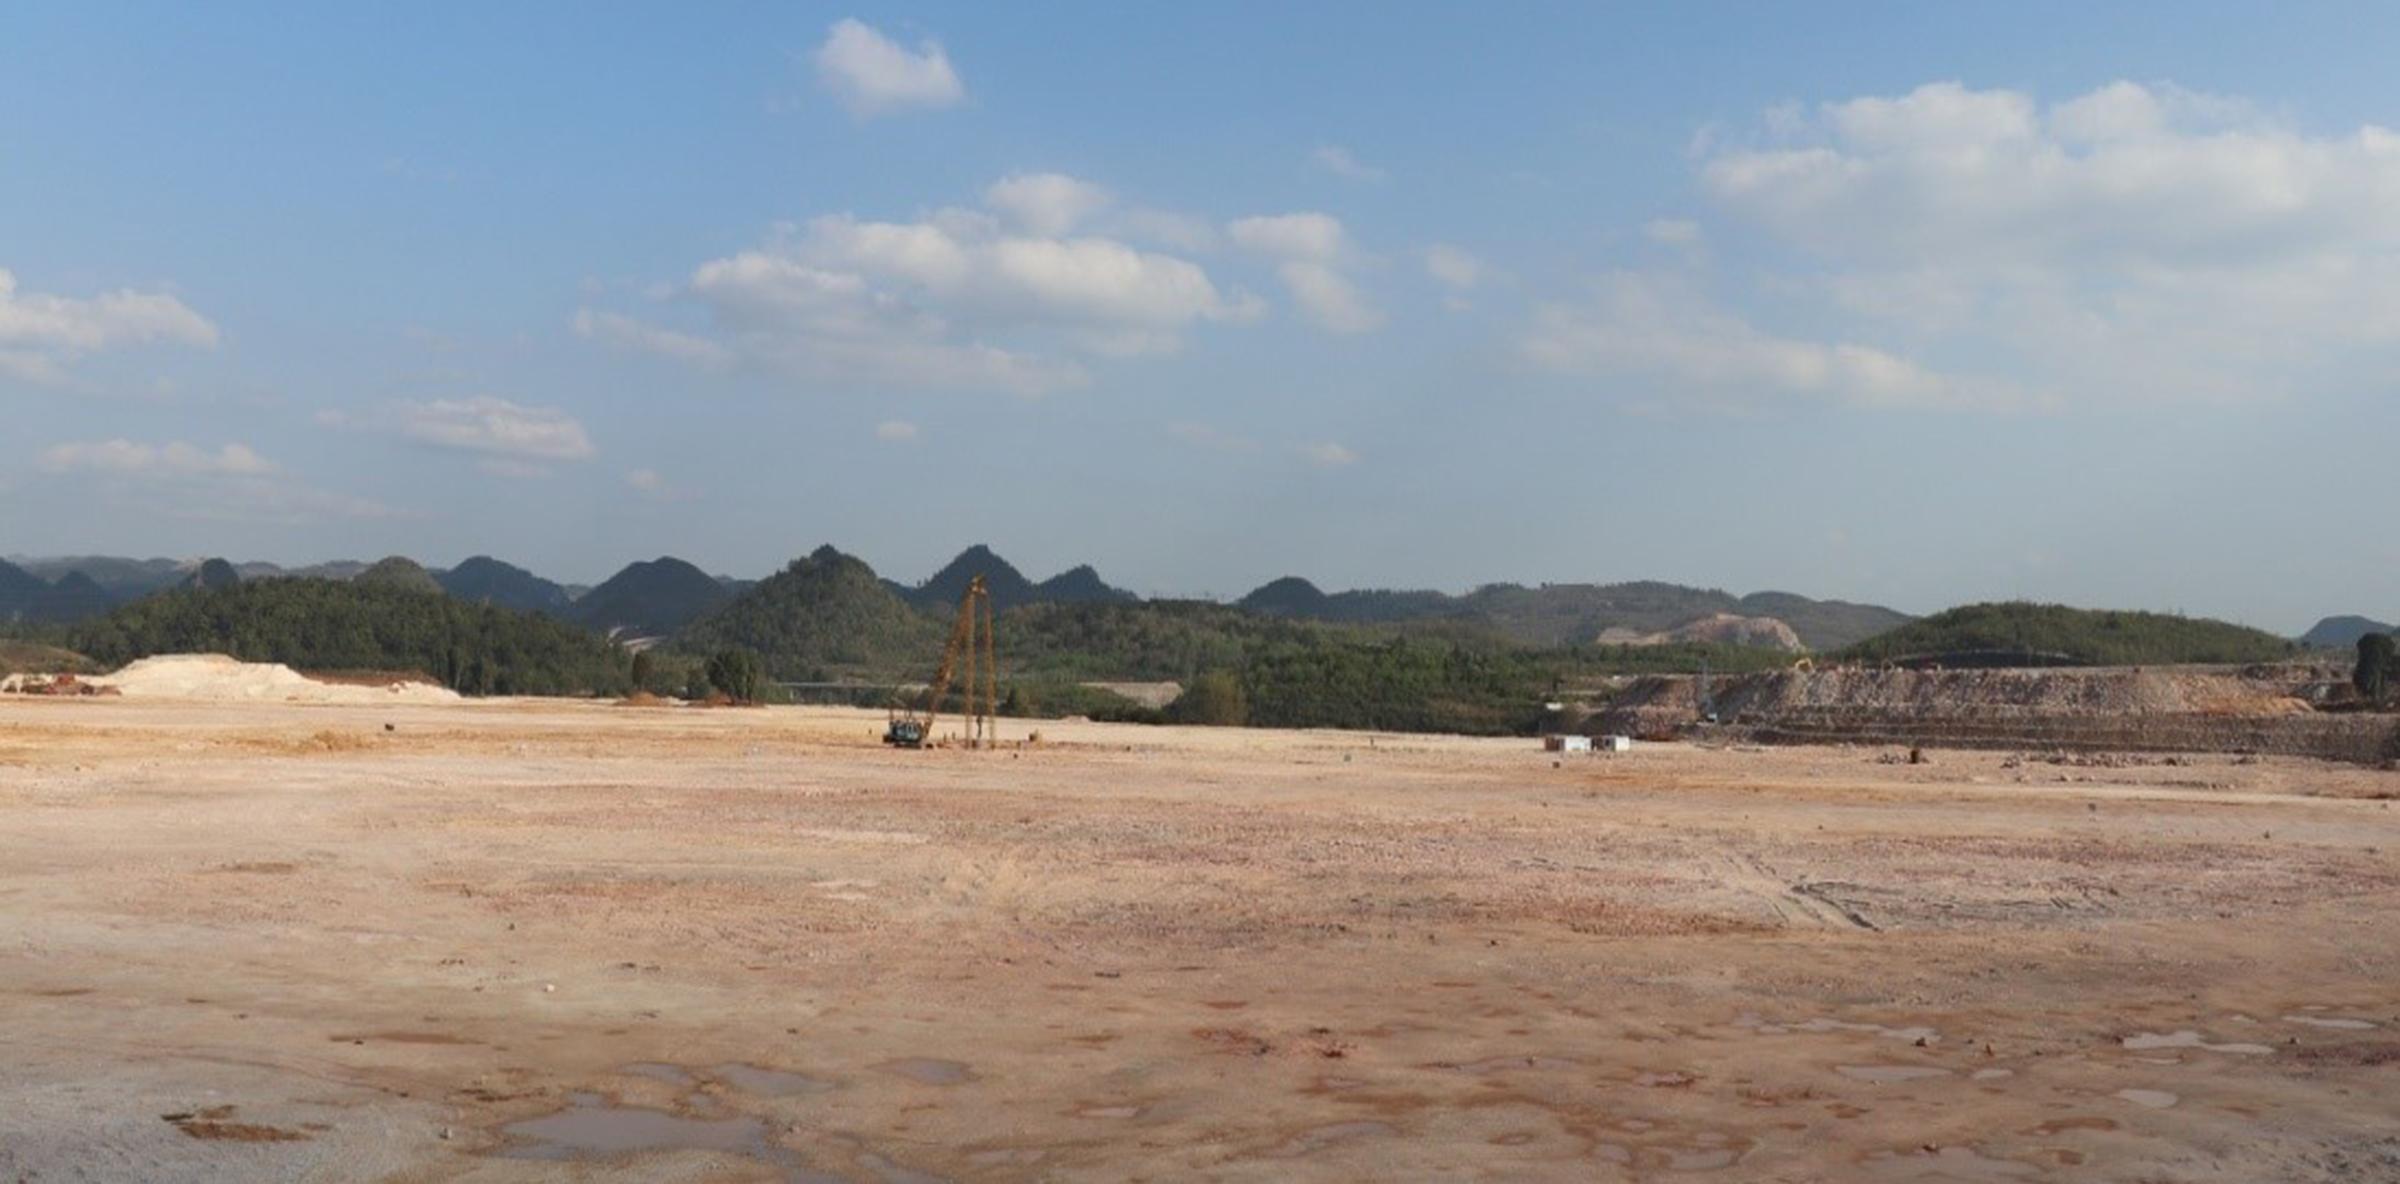 工程总承包—贵州双龙航空港经济区双龙北线B-03地块土地一级开发整理项目设计、施工总承包